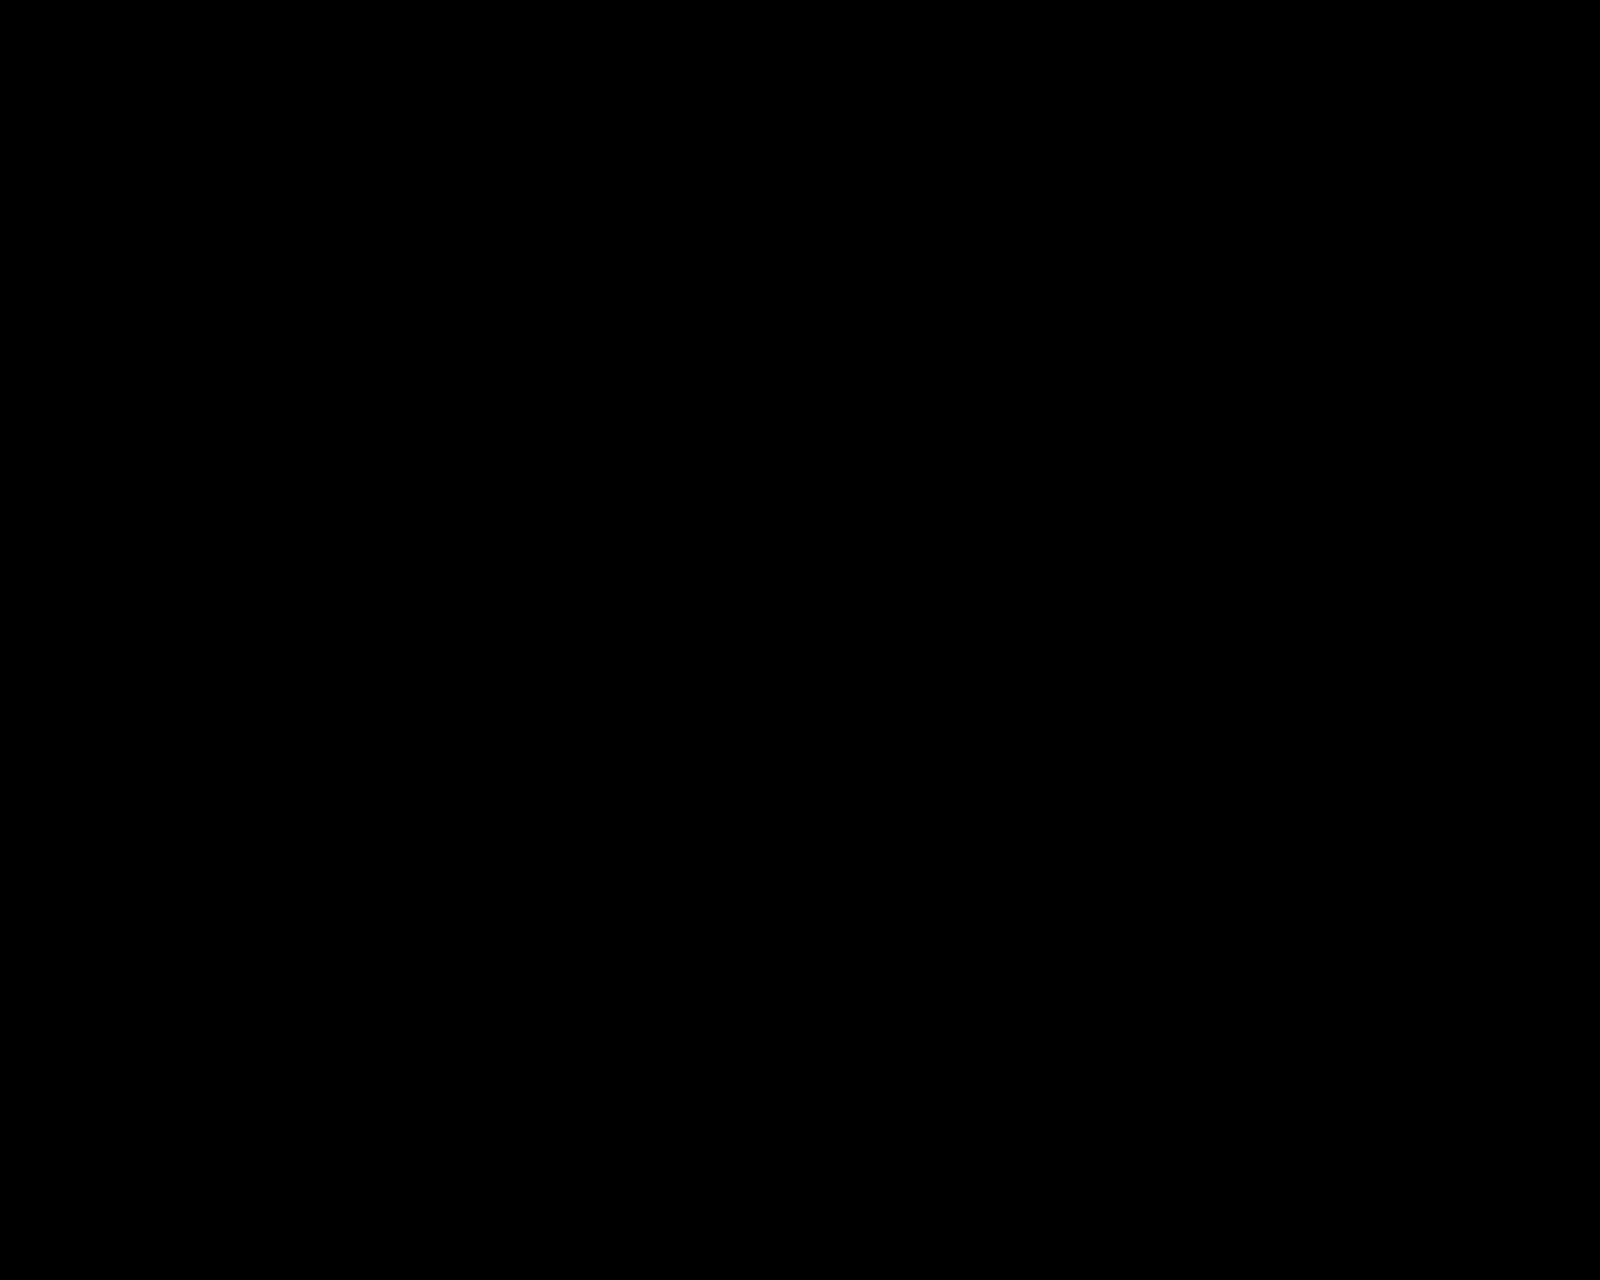 annalisa_logo_1600x1280_v2015-1215